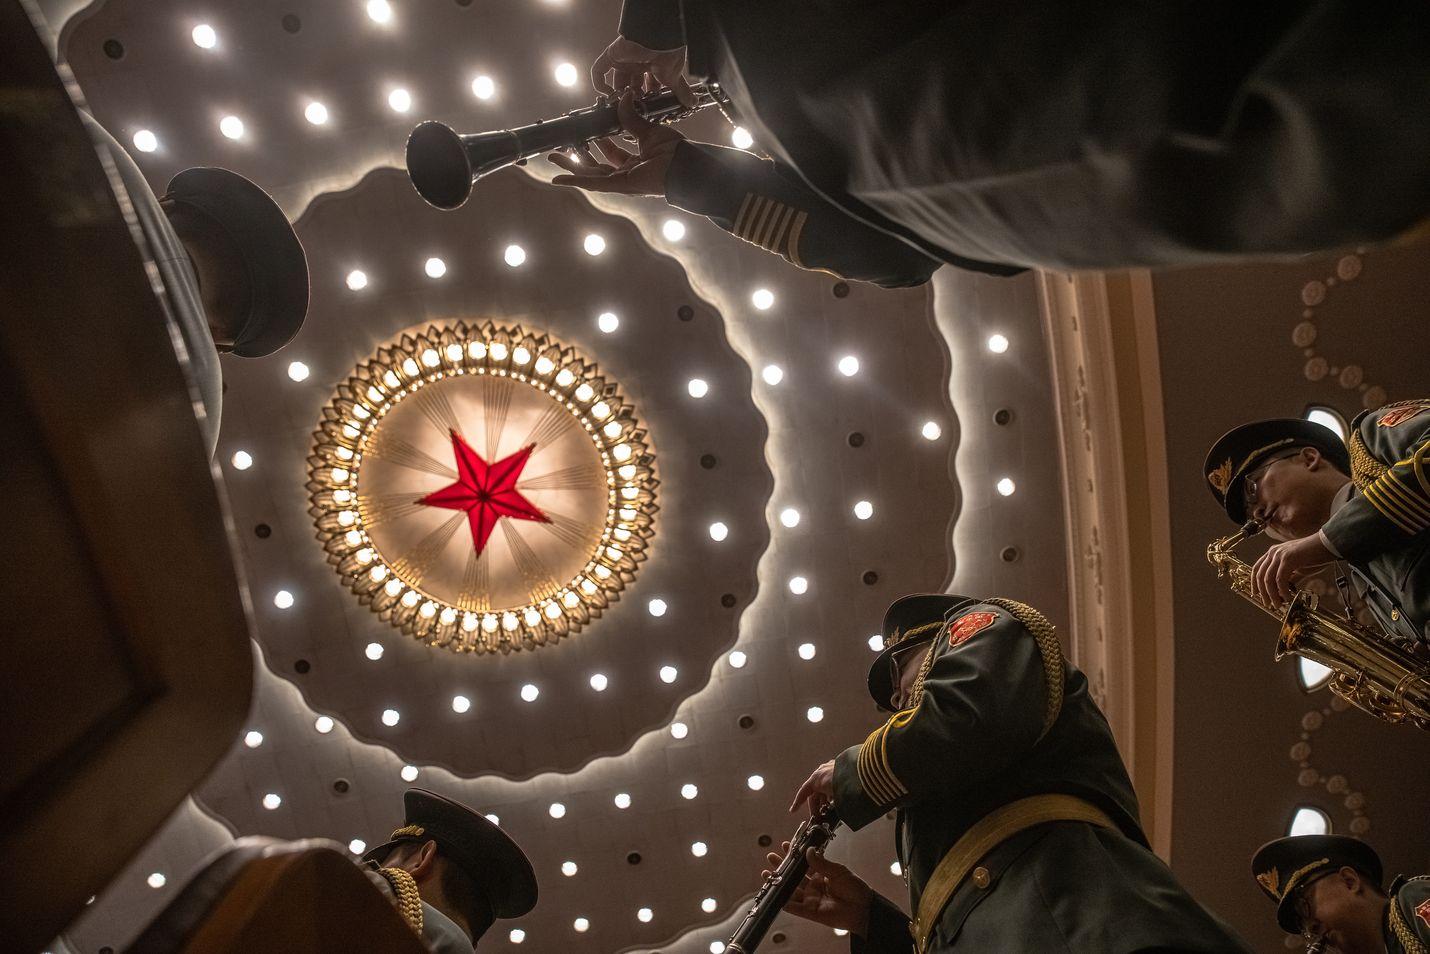 Kiinalaisen sotilassoittokunnan jäsenet esiintyivät Mahtavassa kansan salissa Pekingissä 23. lokakuuta kun tuli kuluneeksi 70 vuotta Kiinan liittymisestä Korean sotaan.